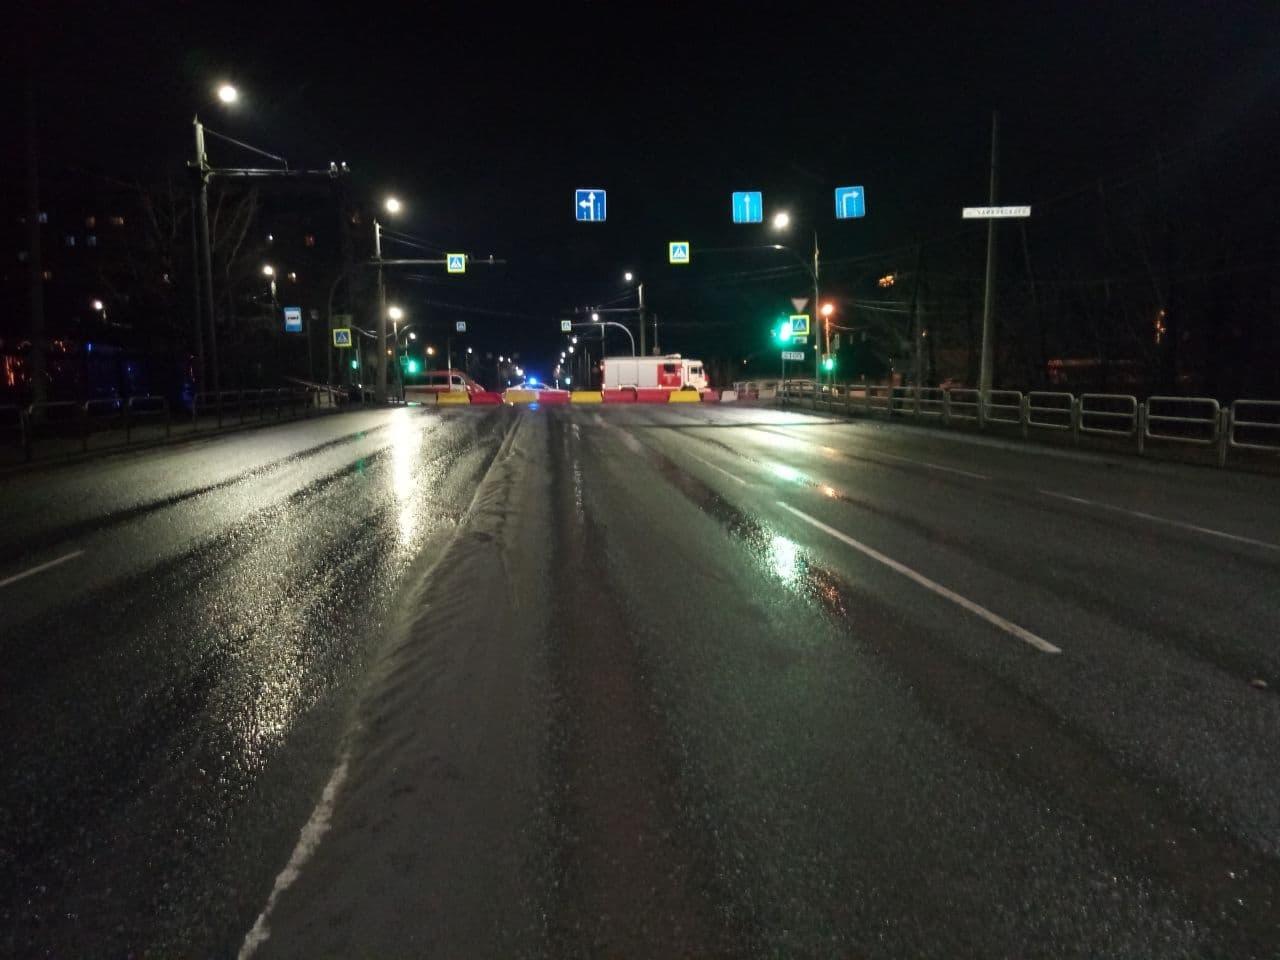 Размером с автомобиль: в Челябинске перекрыли дорогу из-за провала грунта